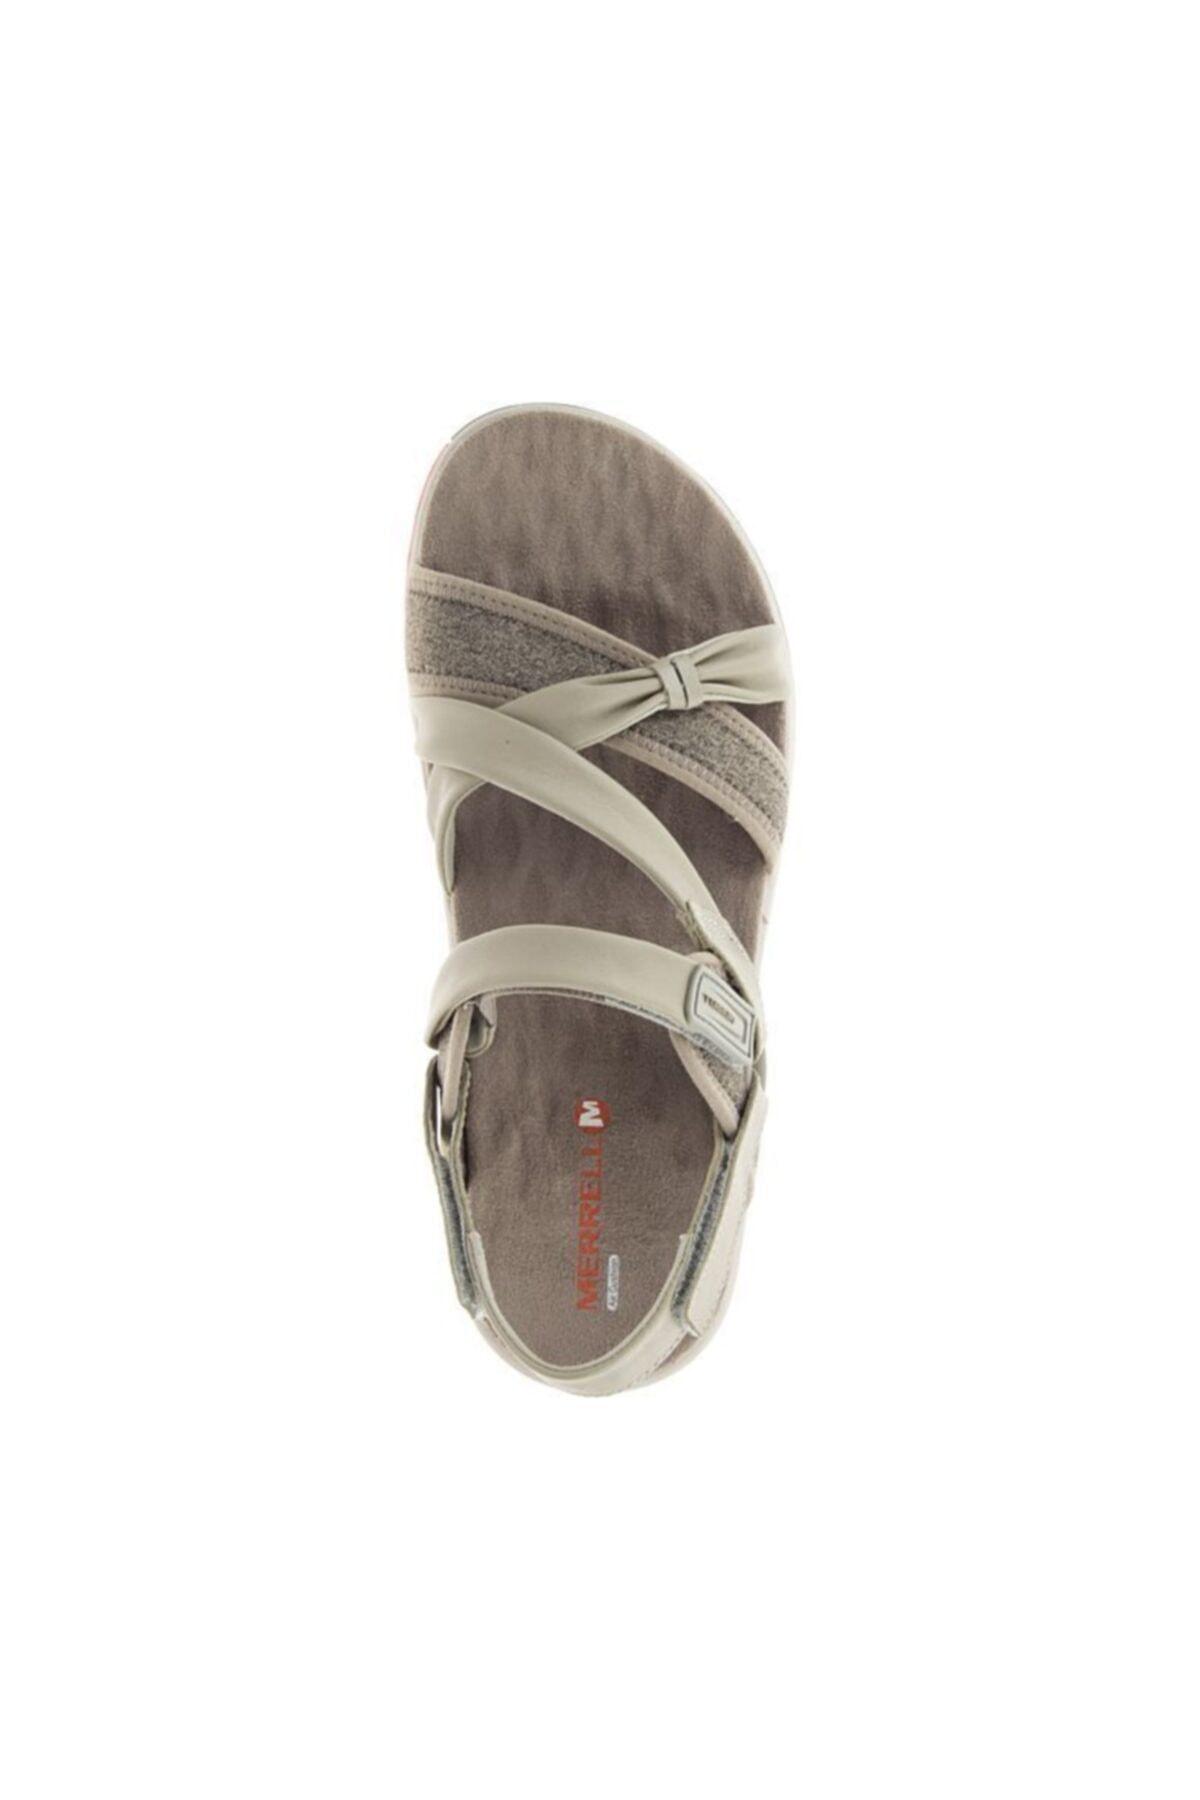 Merrell Vesper Lattice Kadın Sandalet J03670 2